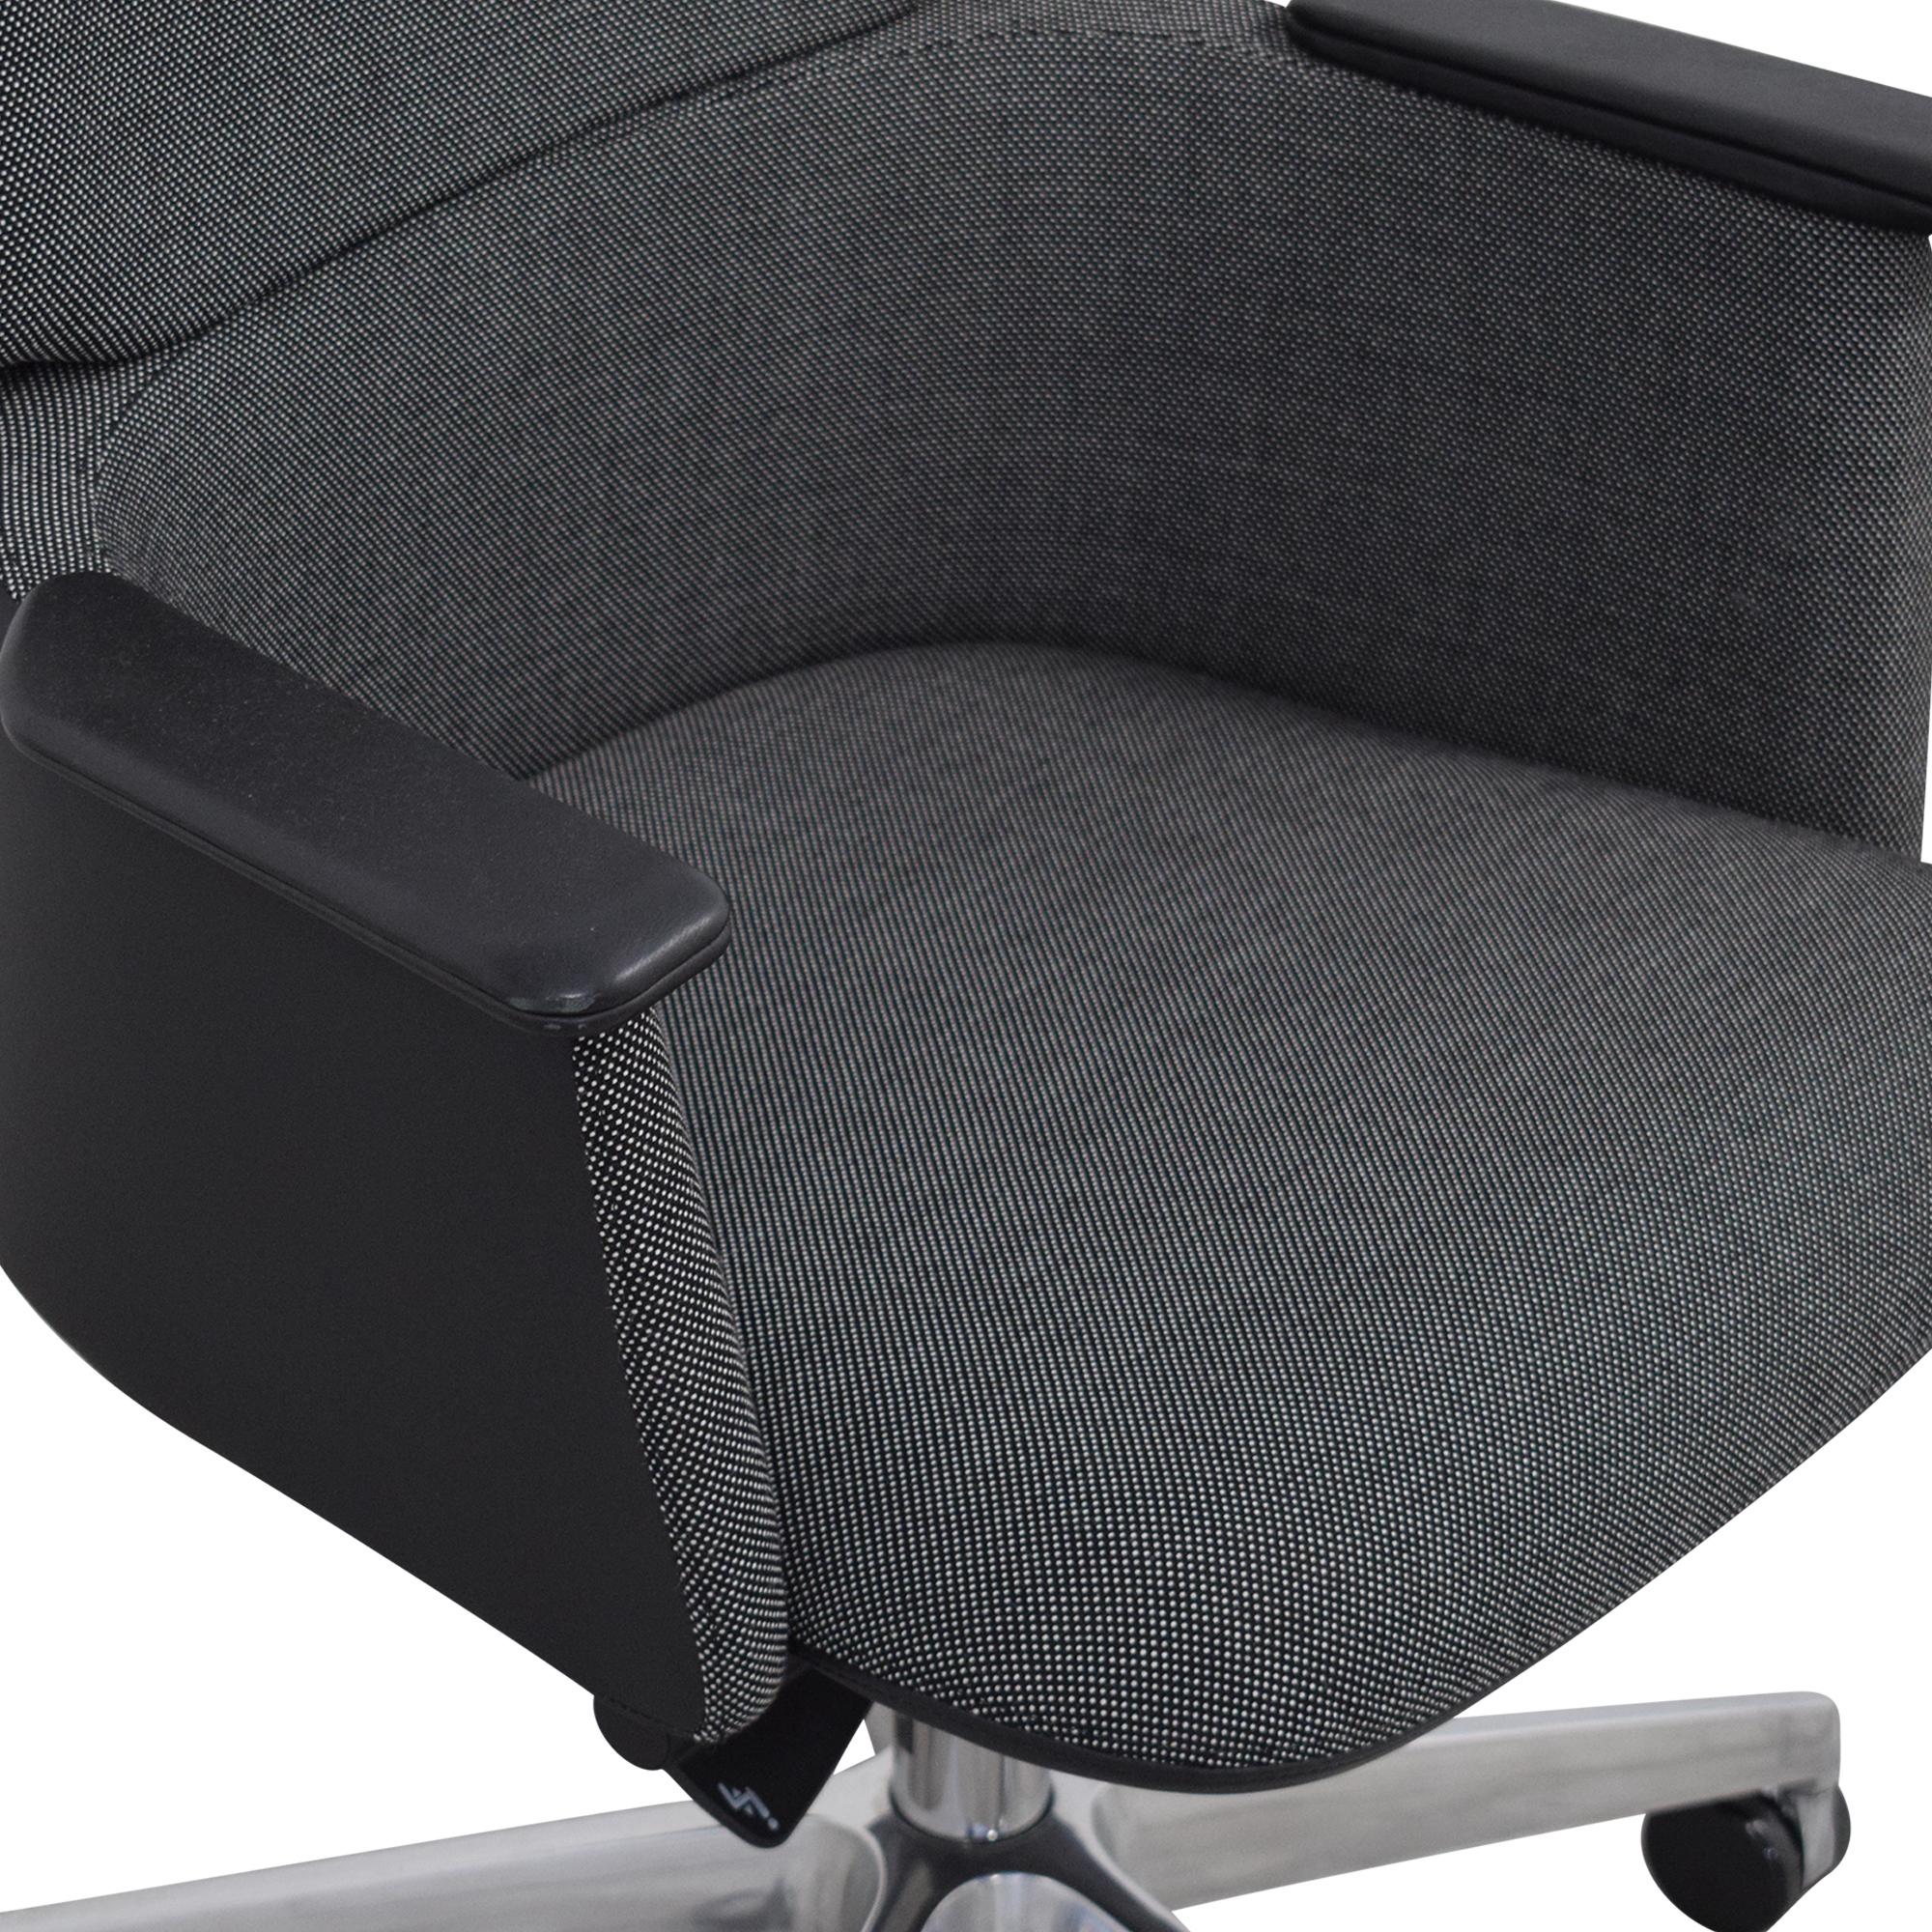 Koleksiyon Koleksiyon Tola Task Chair coupon